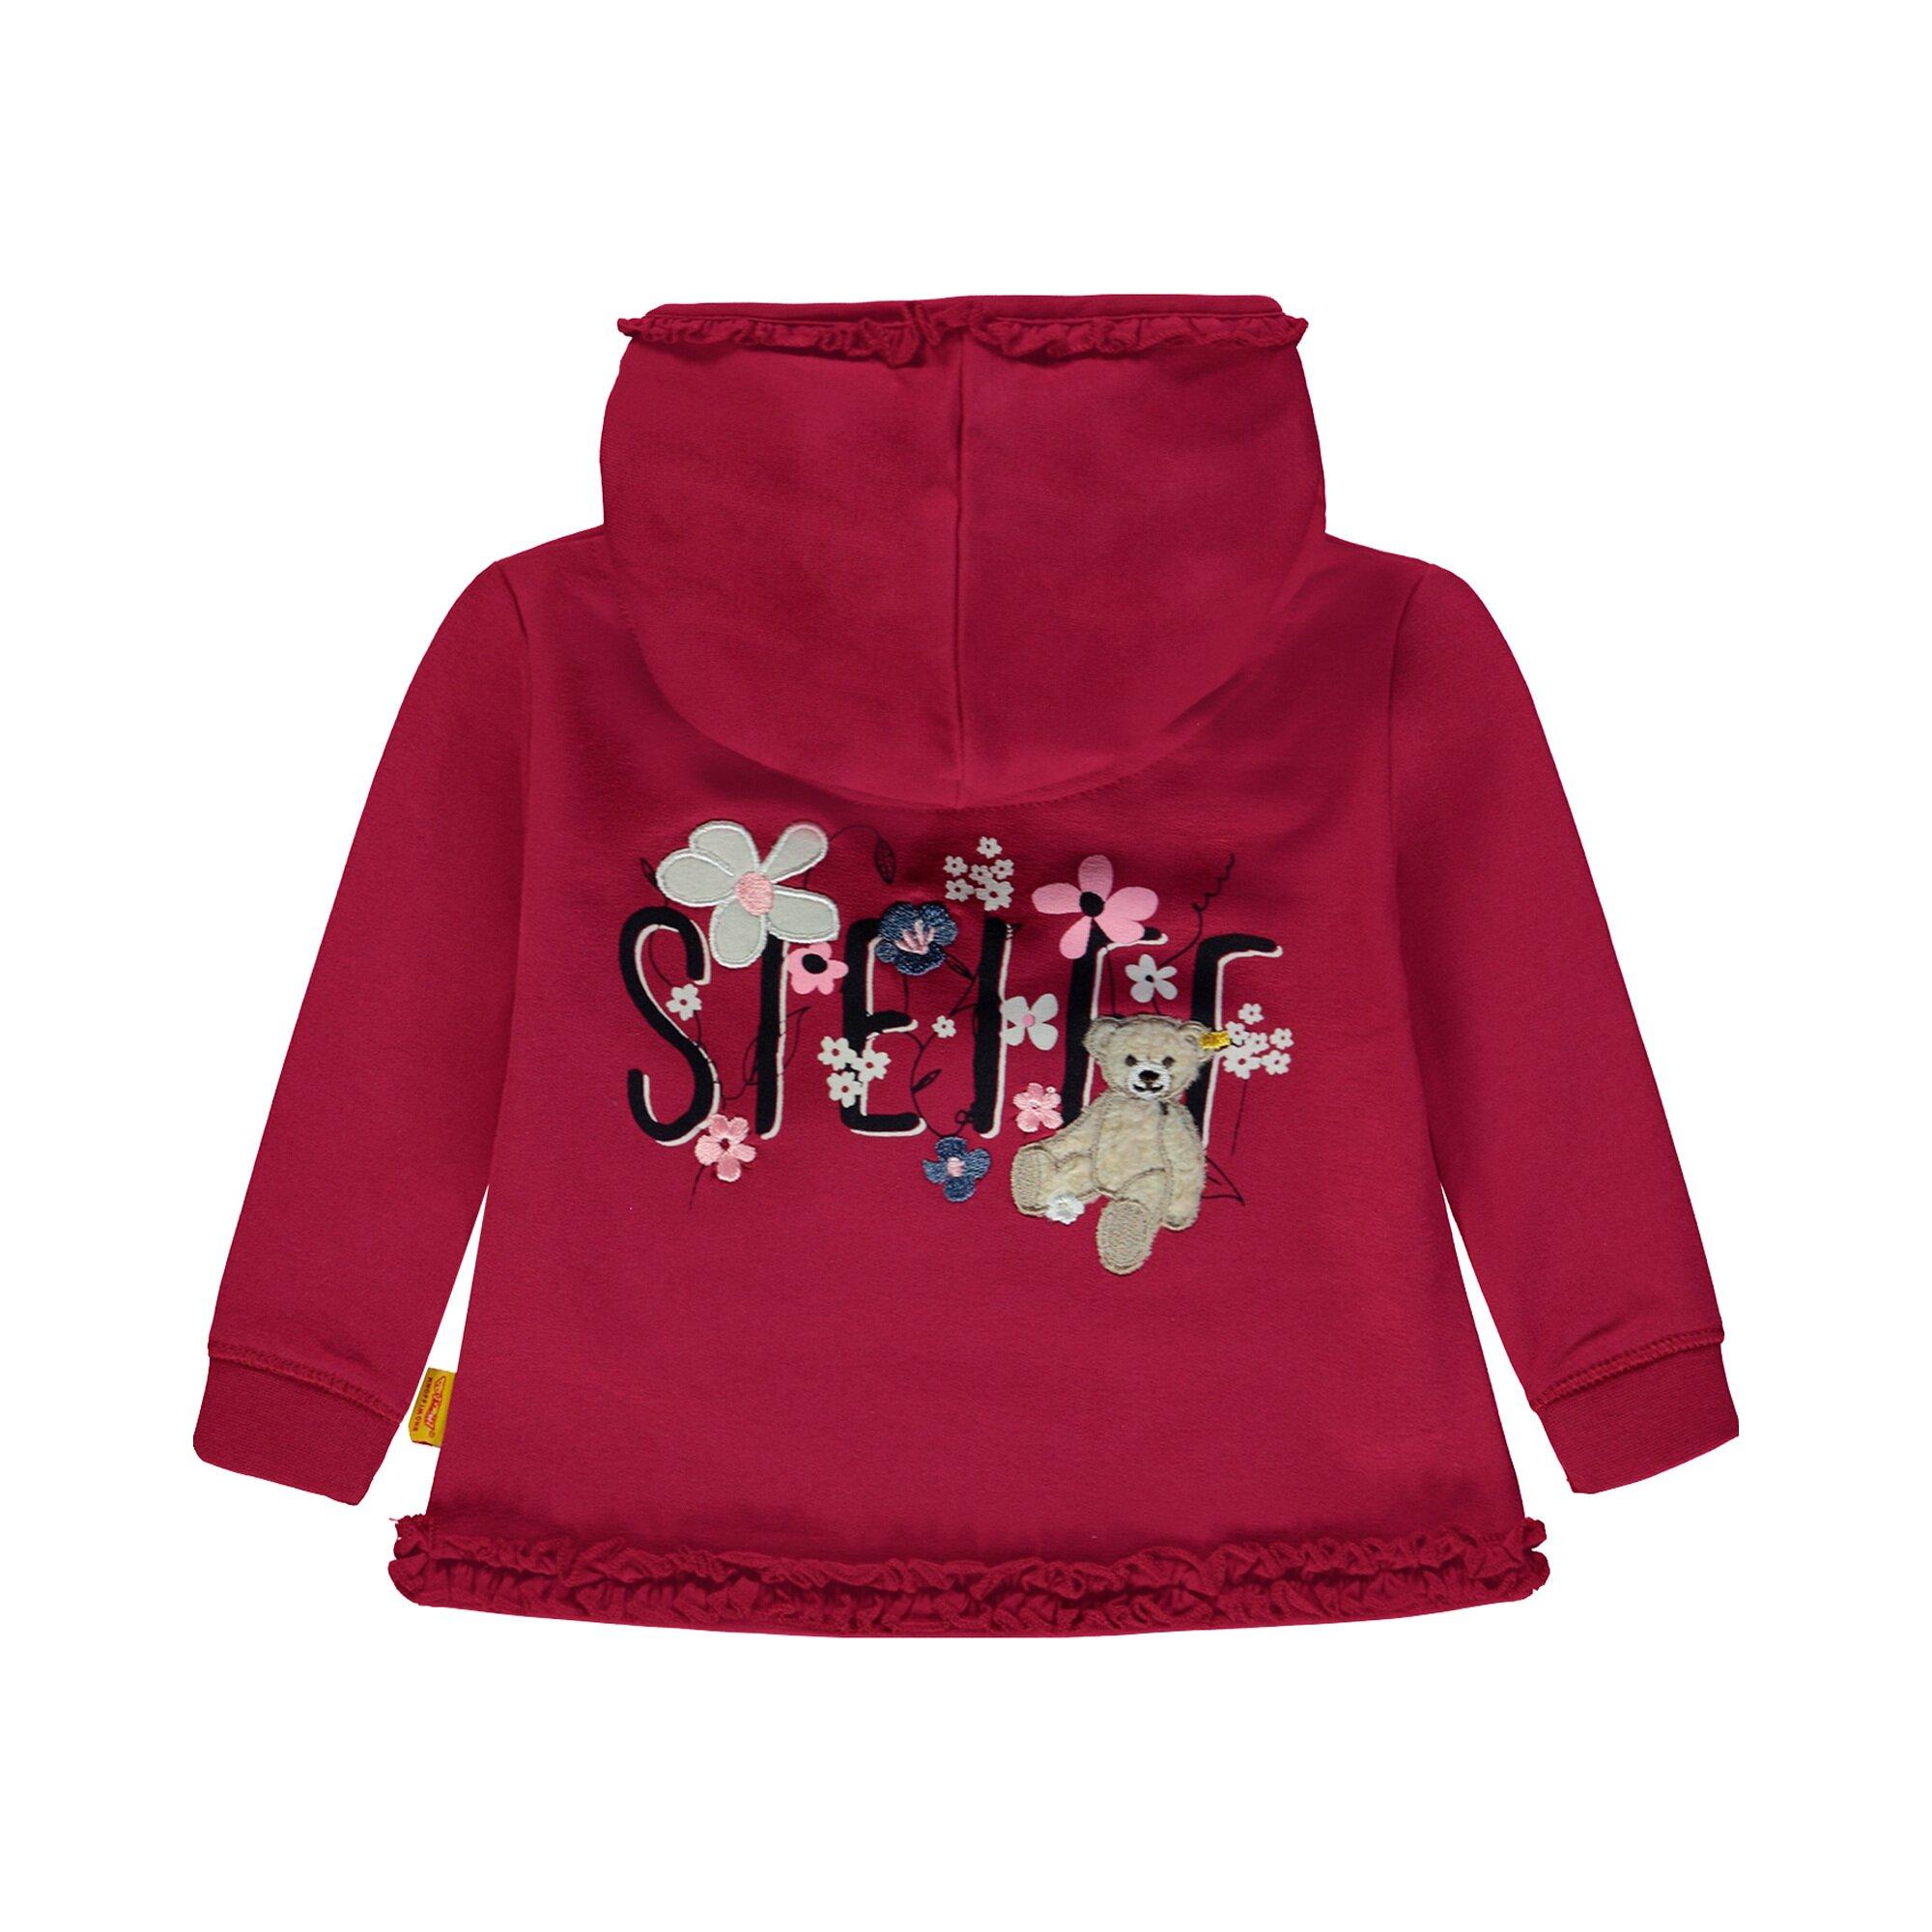 steiff-sweatshirt-mit-kapuze-blumen-teddy